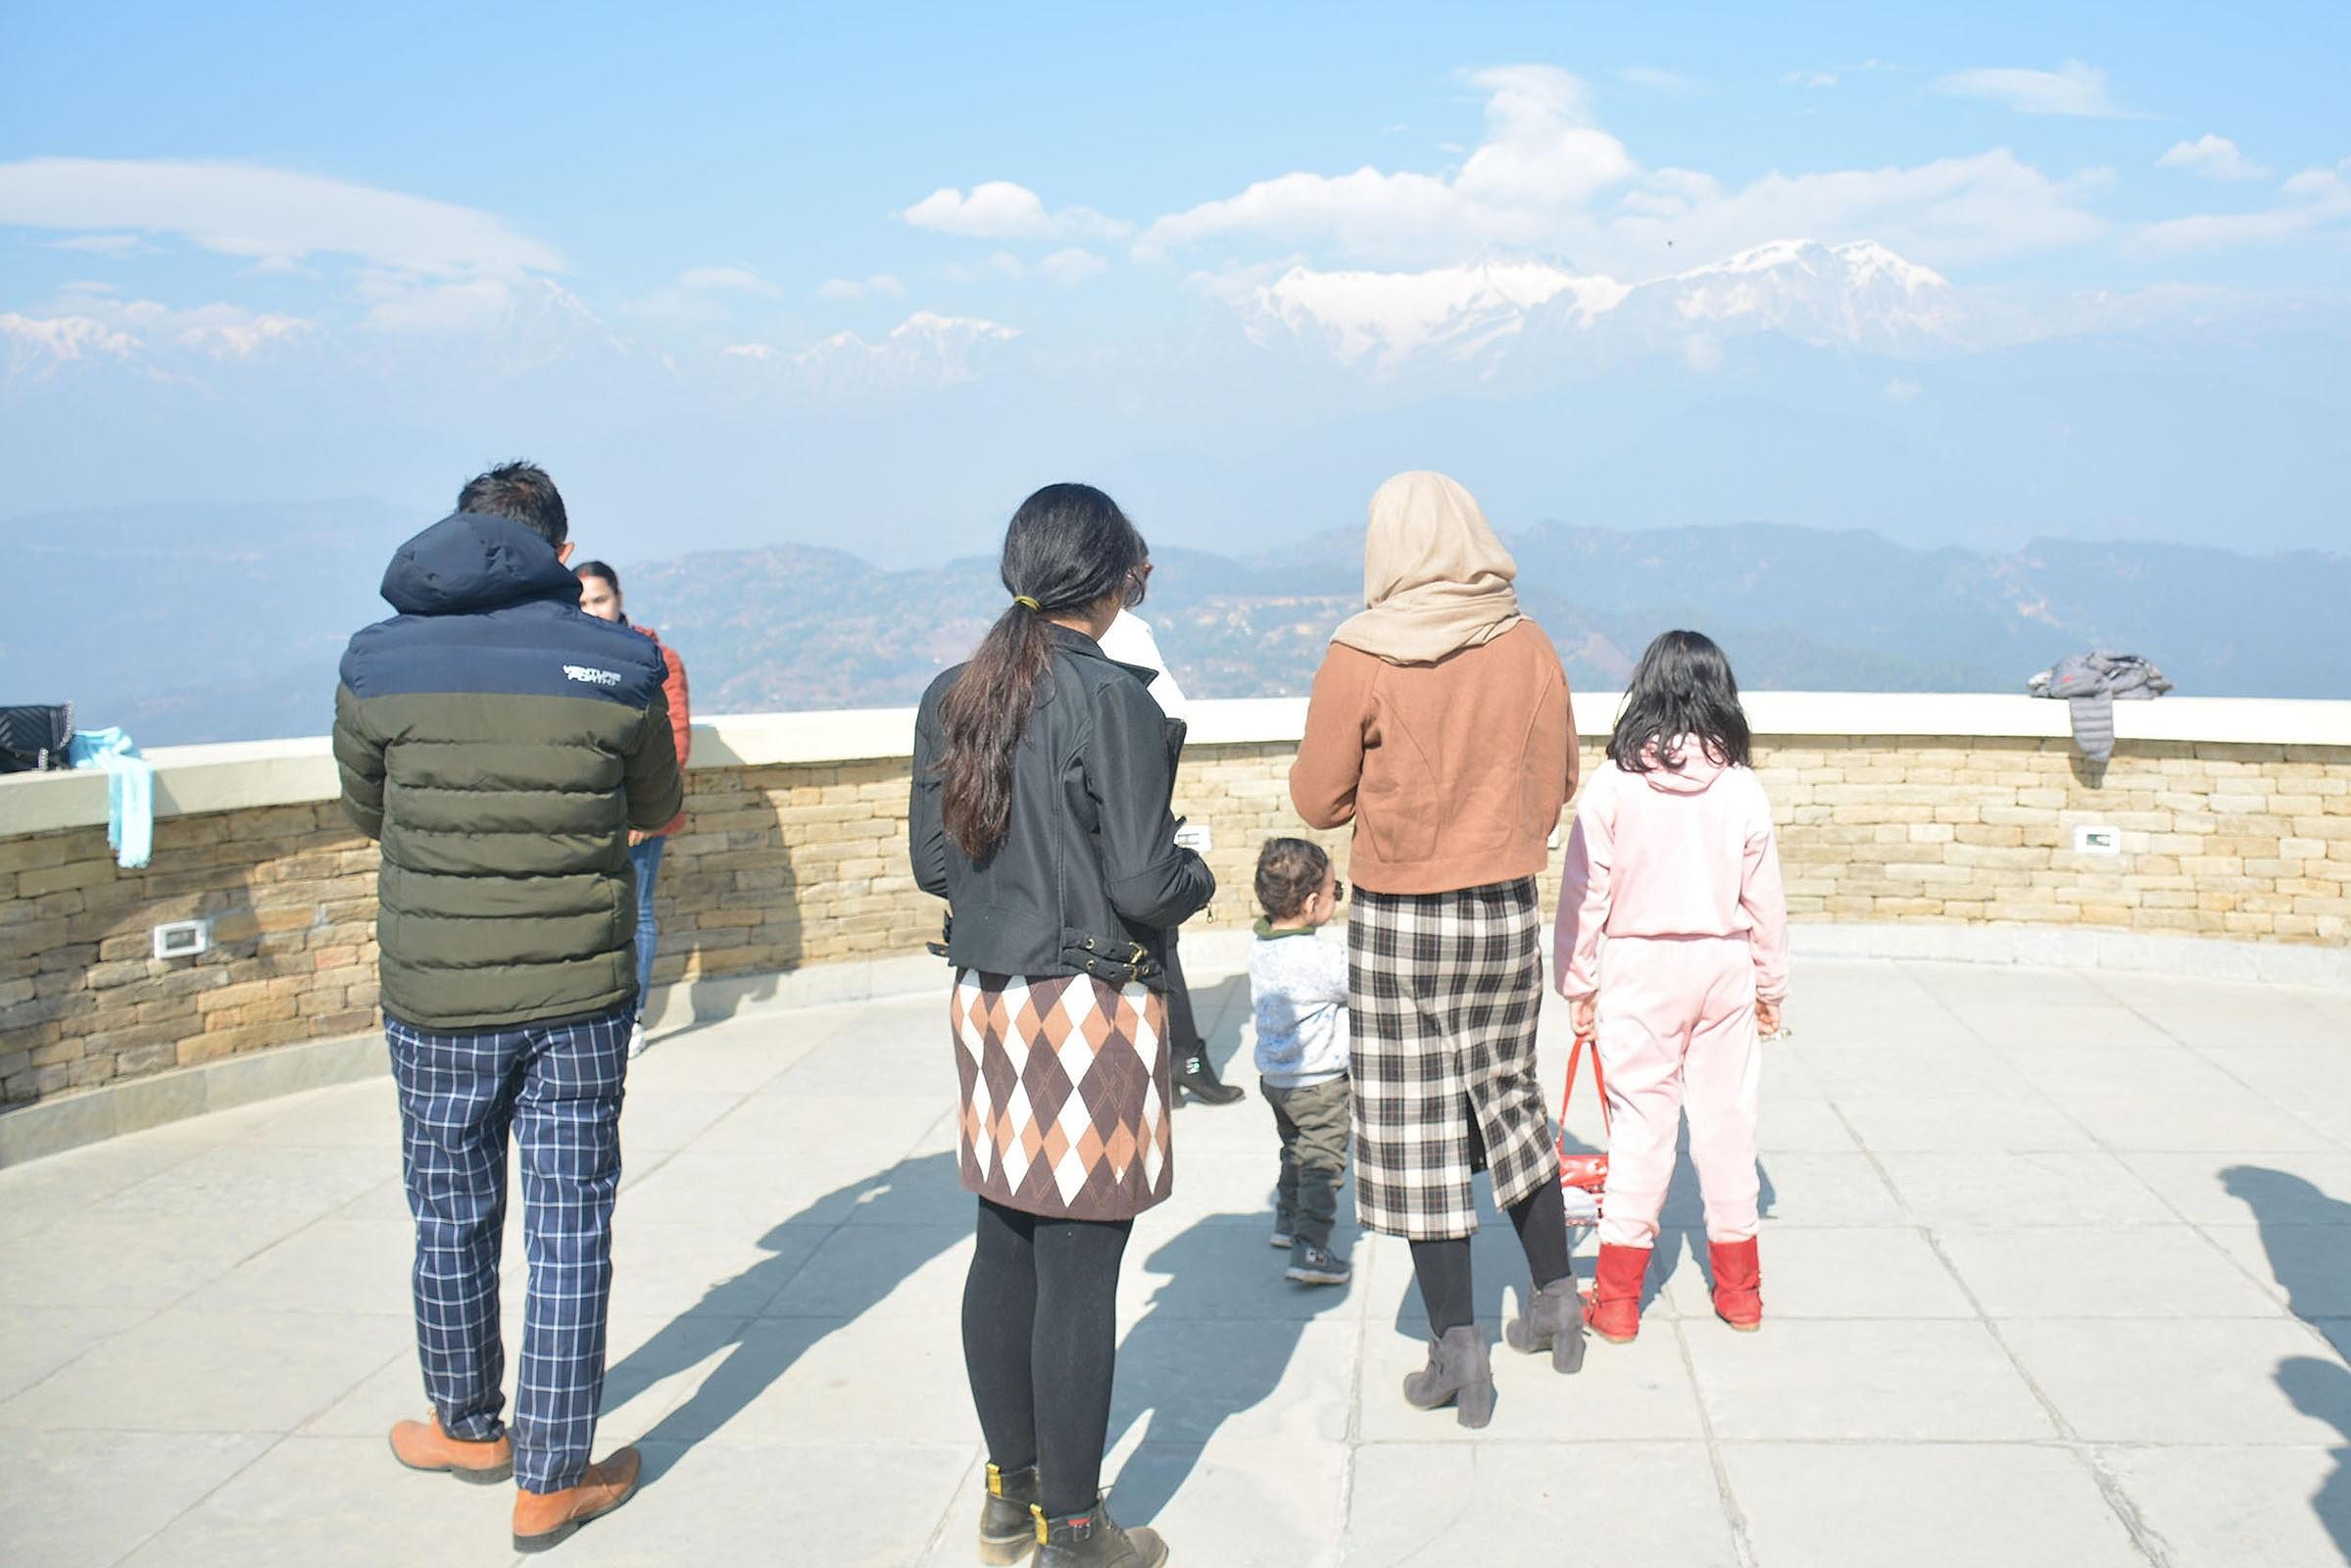 रुपाकोट रिसोर्टमा आन्तरिक पर्यटक